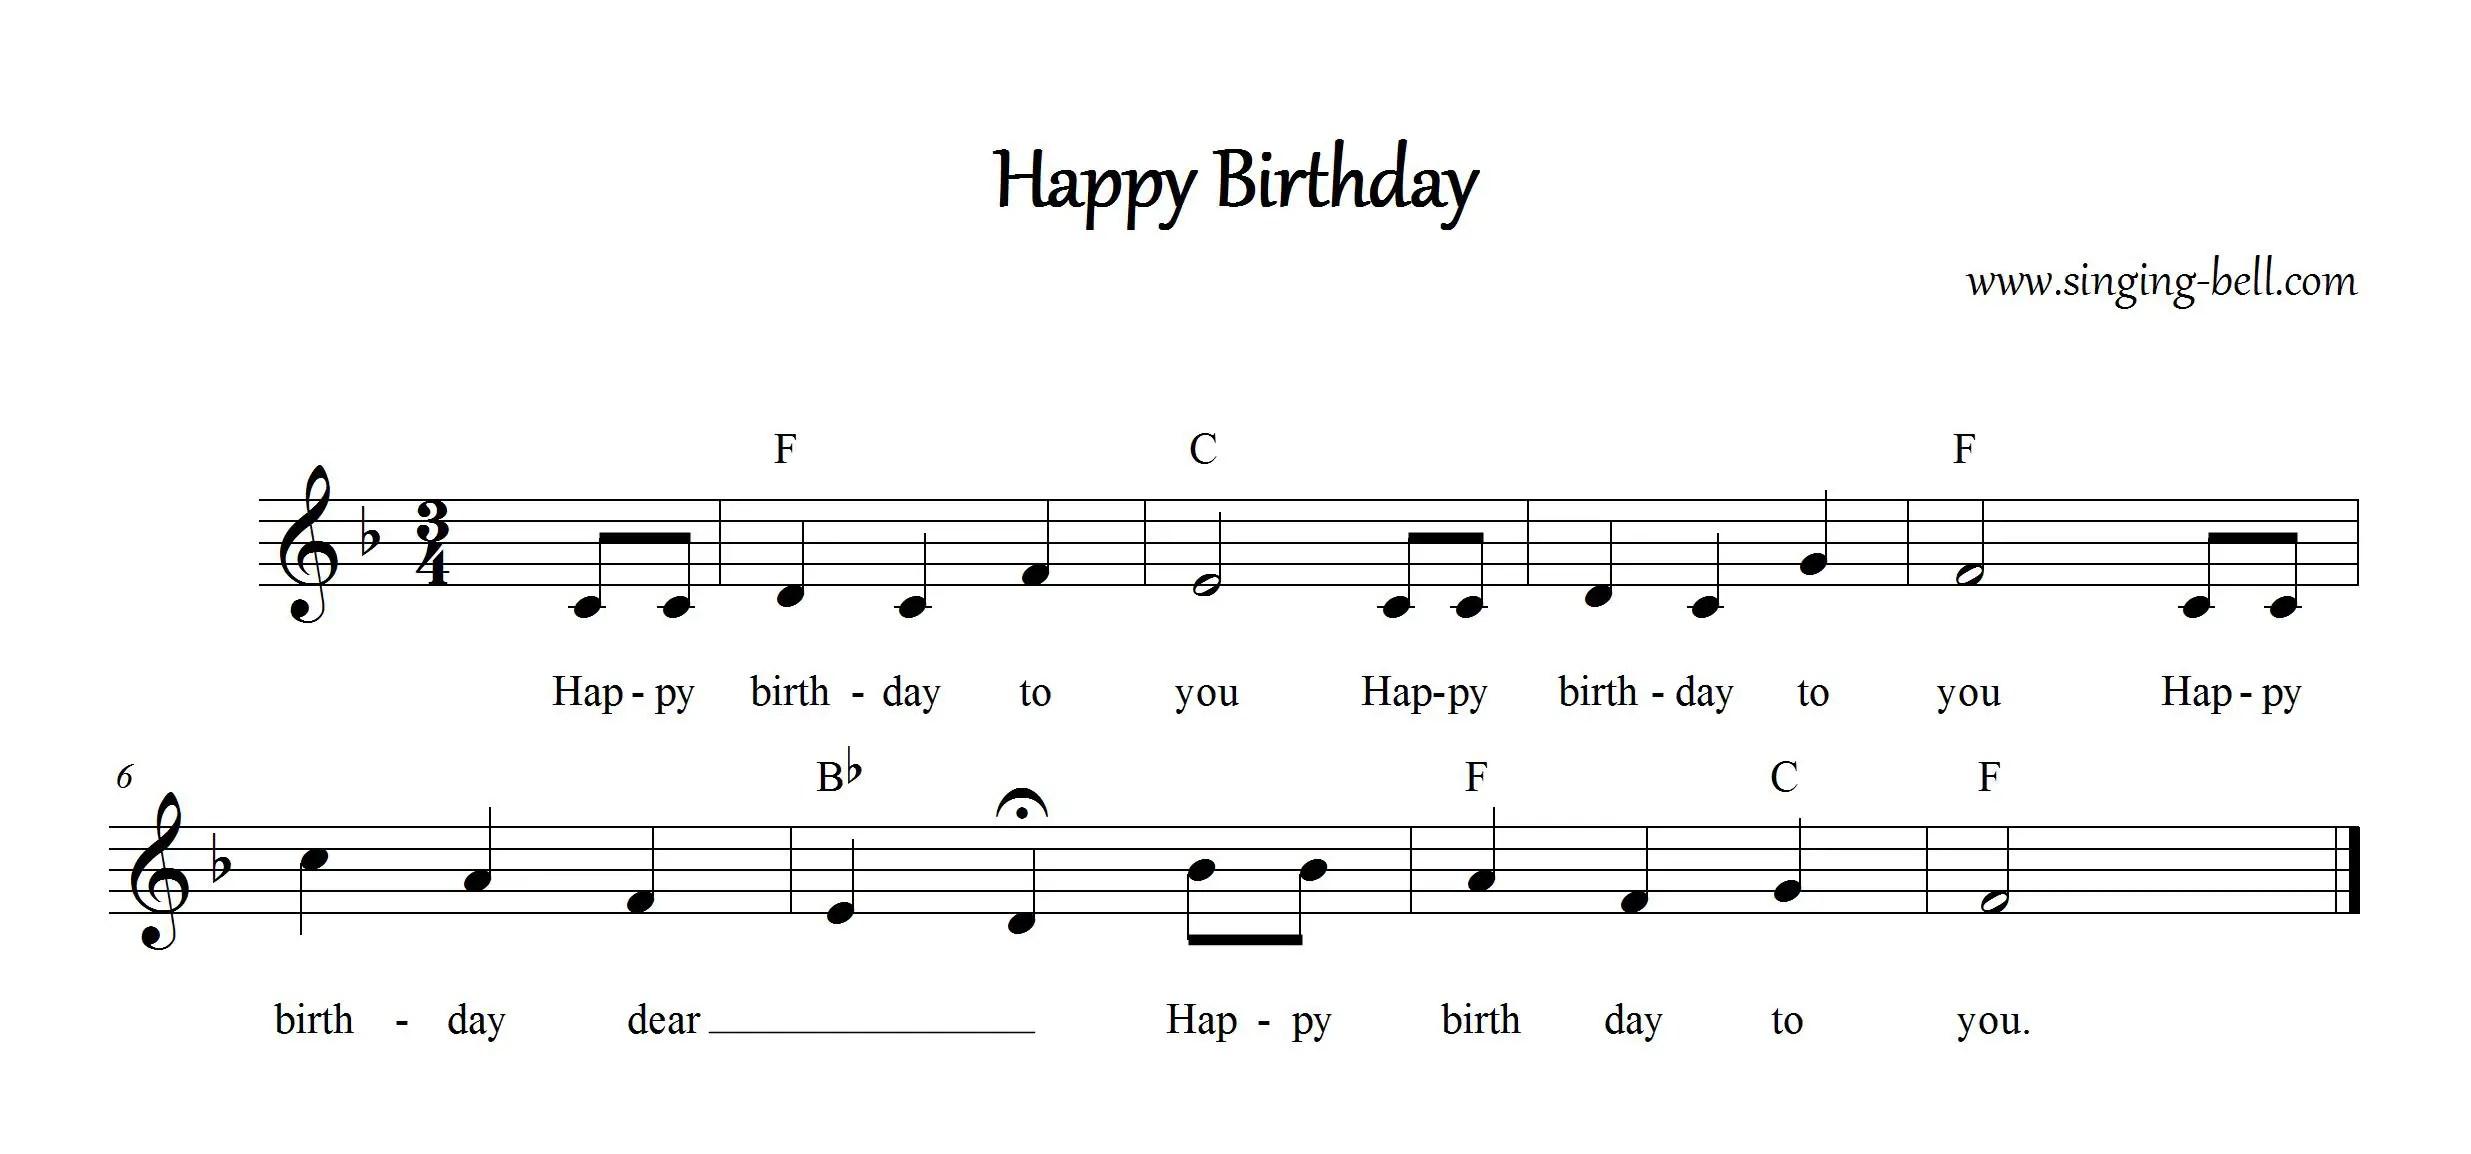 Birthday You Happy Version Karaoke Birthday Happy